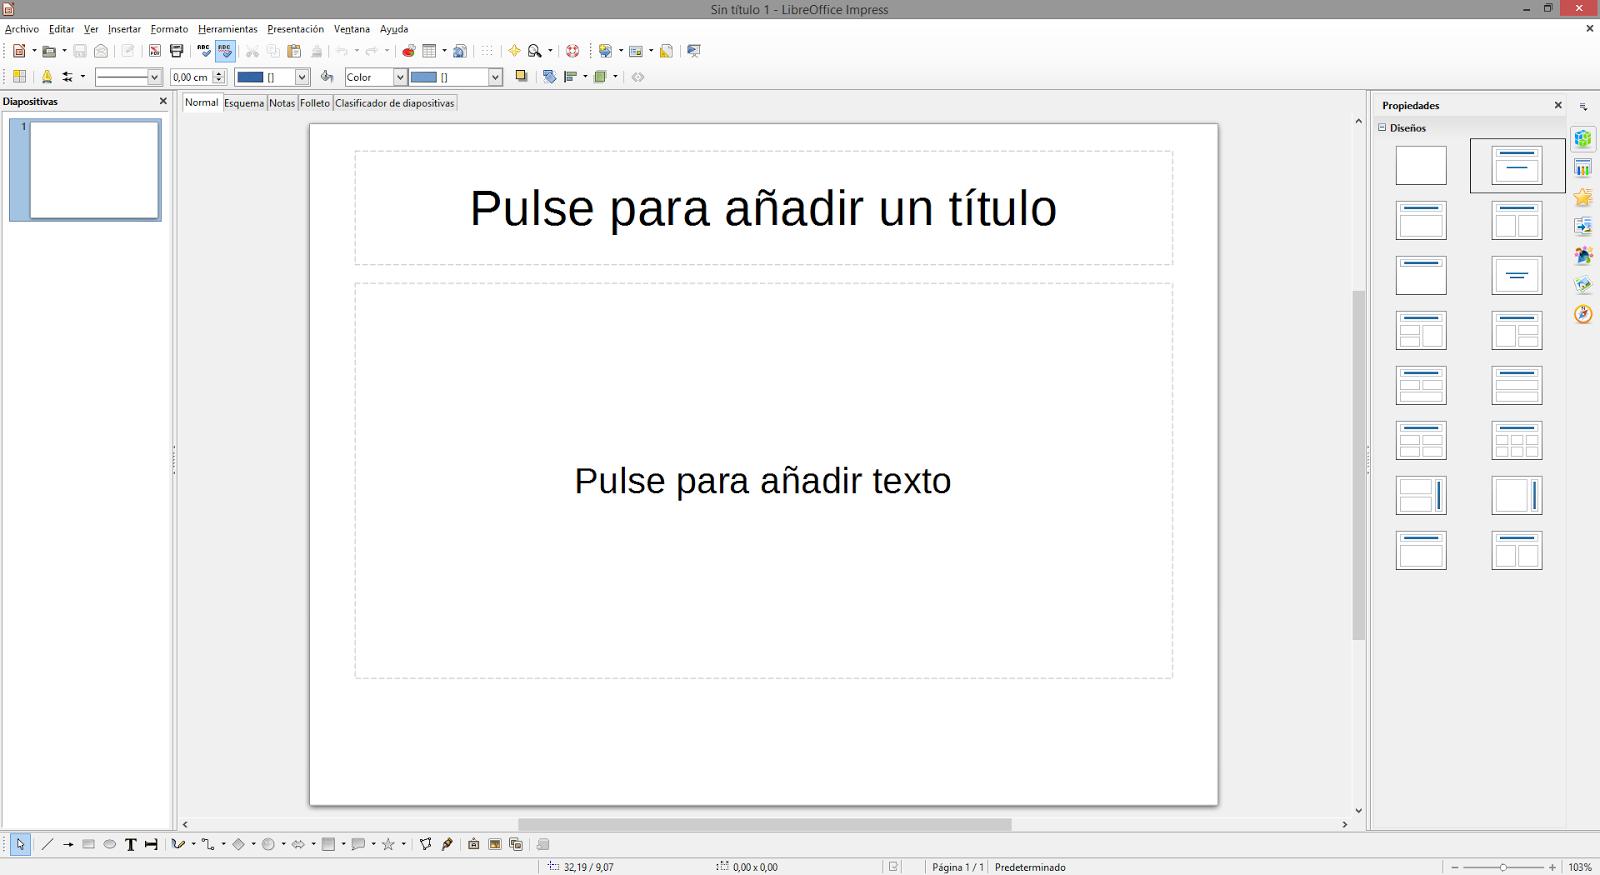 convertir pdf a ebook sin perder el formato